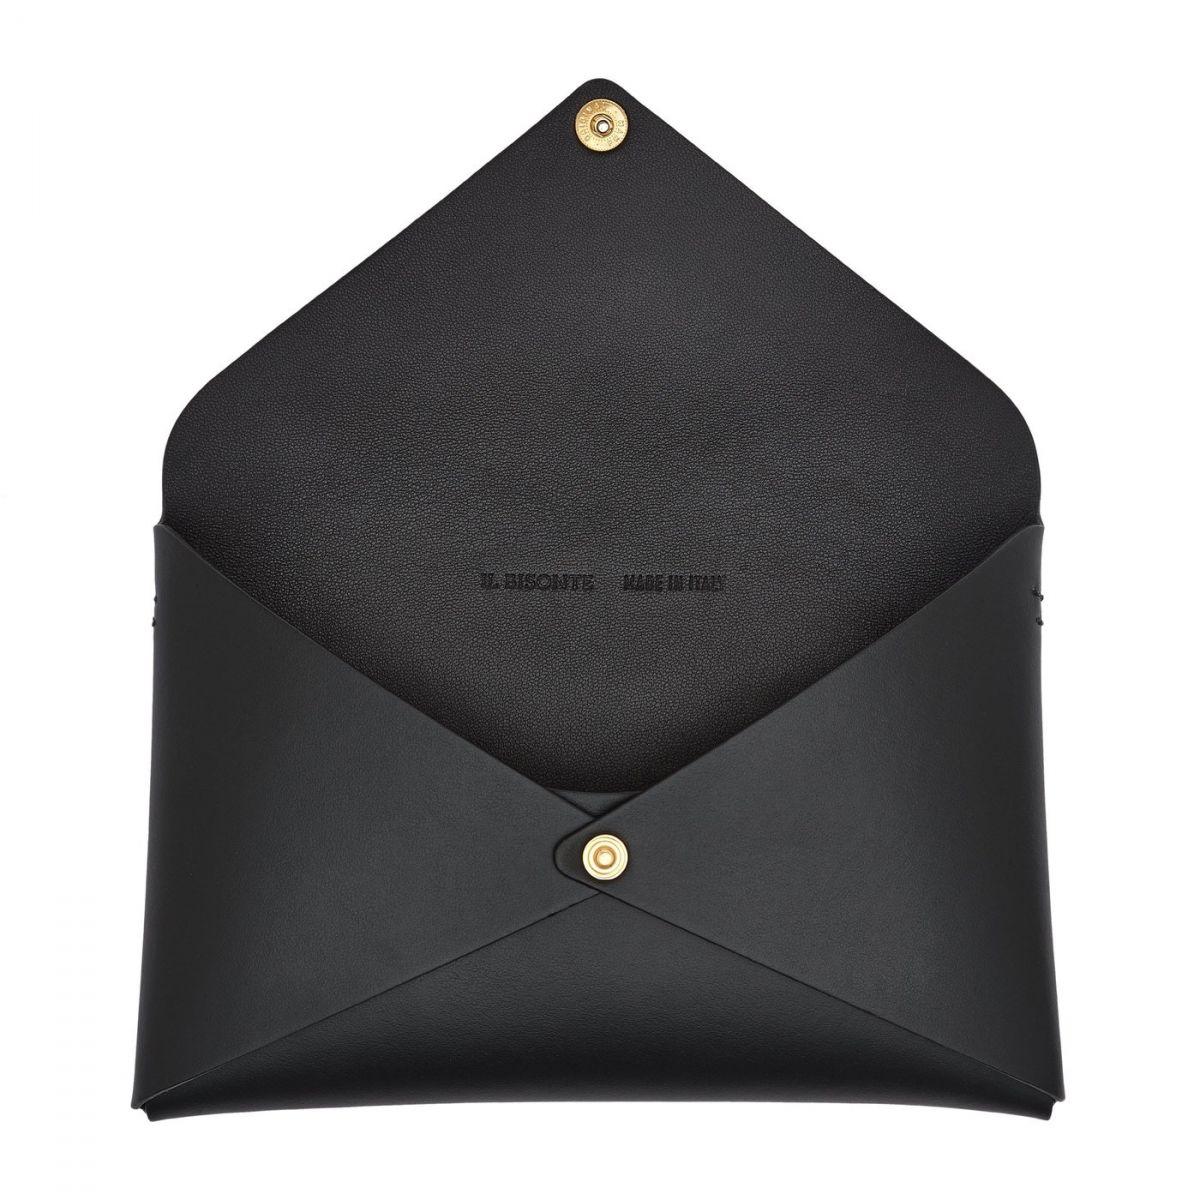 Titania - Borsa A Spalla da Donna Multipocket in Pelle Di Vitello BSH137 colore Nero | Details